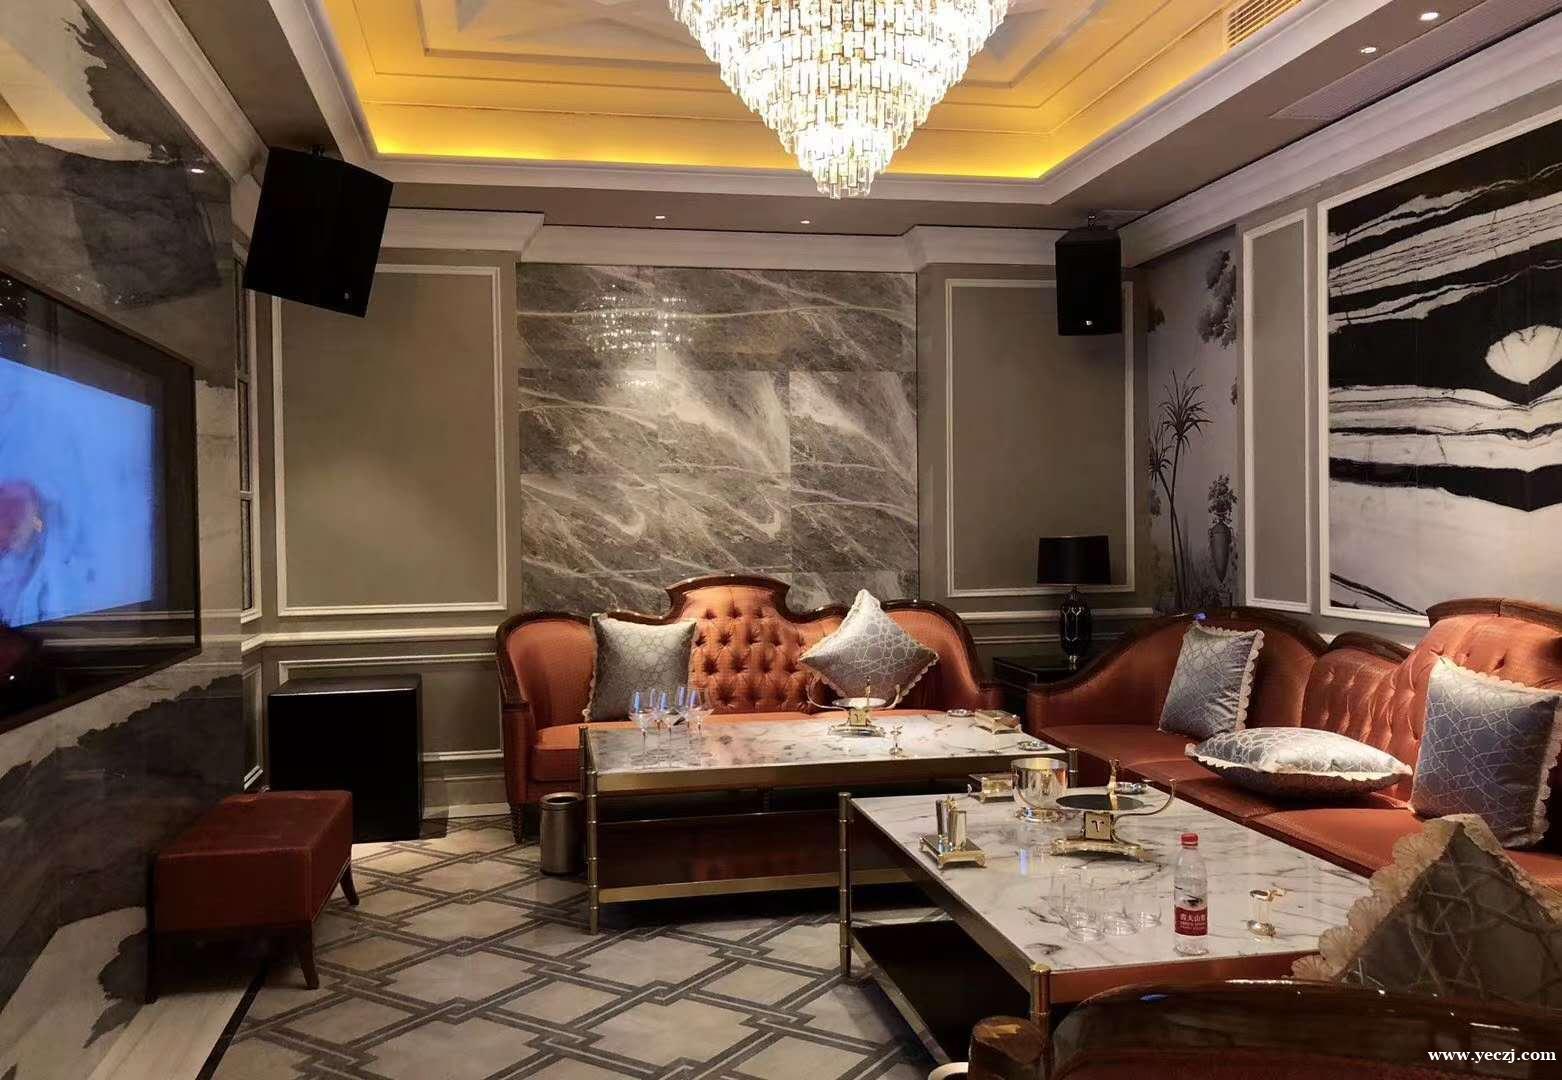 北京高端酒吧招聘信息,确保上班率,包住收入高